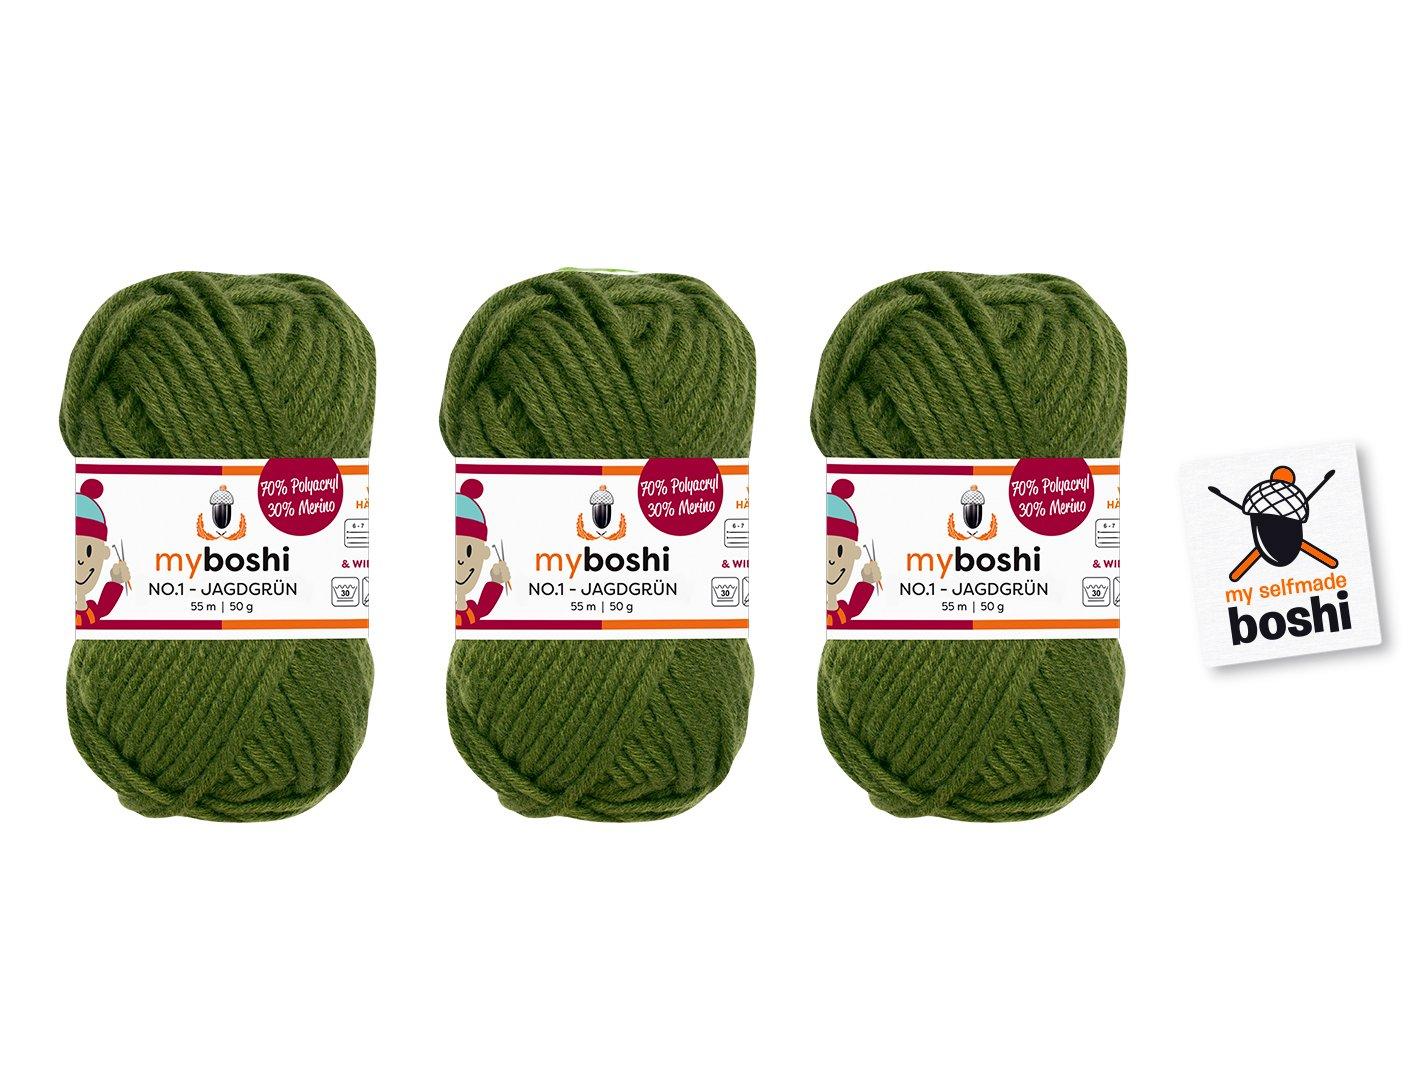 3 Knäuel Wolle zum Häkeln und Stricken: myboshi No.1 50gr (70% Polyacryl, 30% Merino)